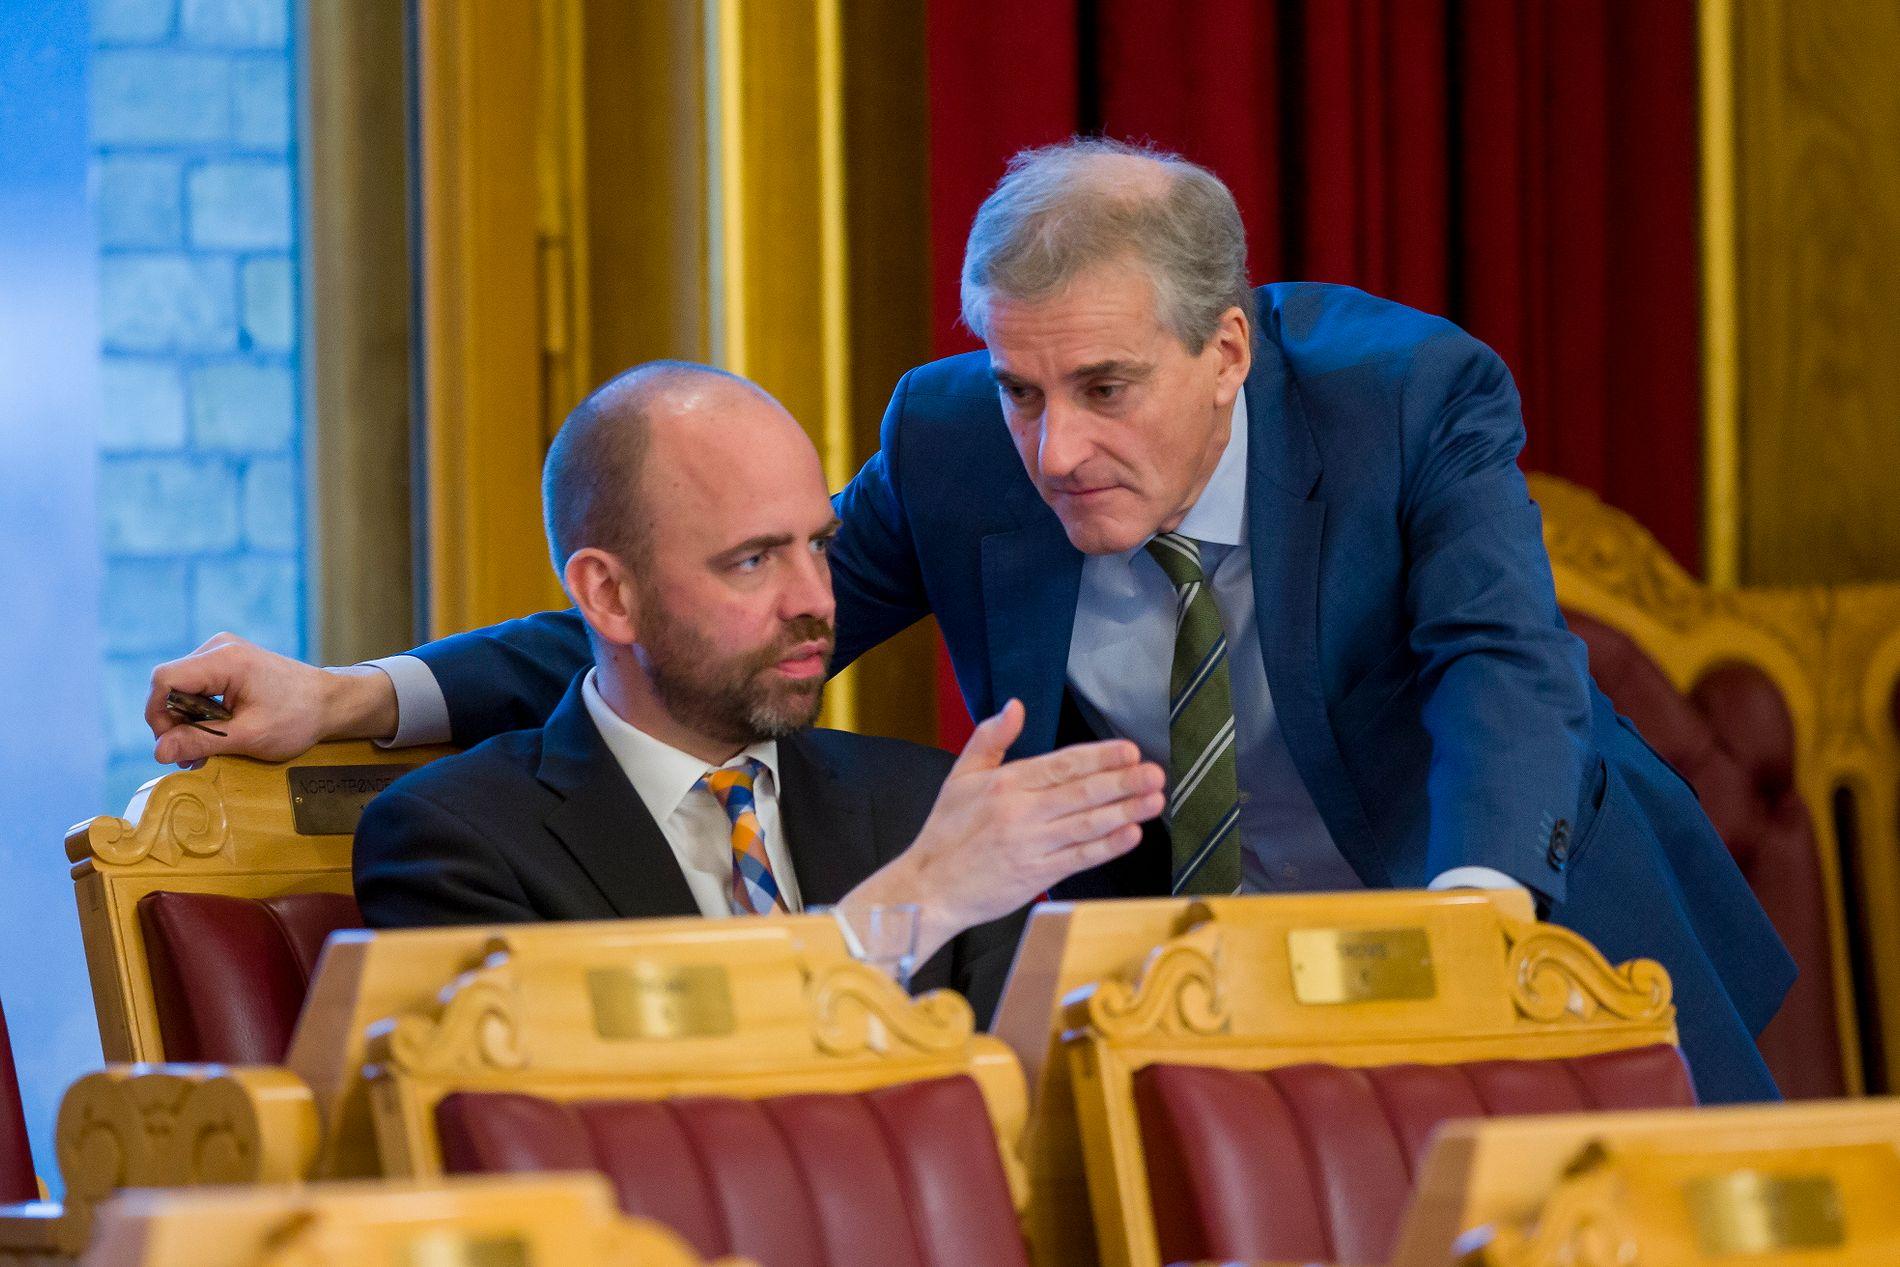 TROR DET BLIR KUTT: Arild Grande (Ap) frykter at Venstre får gjennomslag for sykelønnskutt, Her er han sammen med Ap-leder Jonas Gahr Støre.